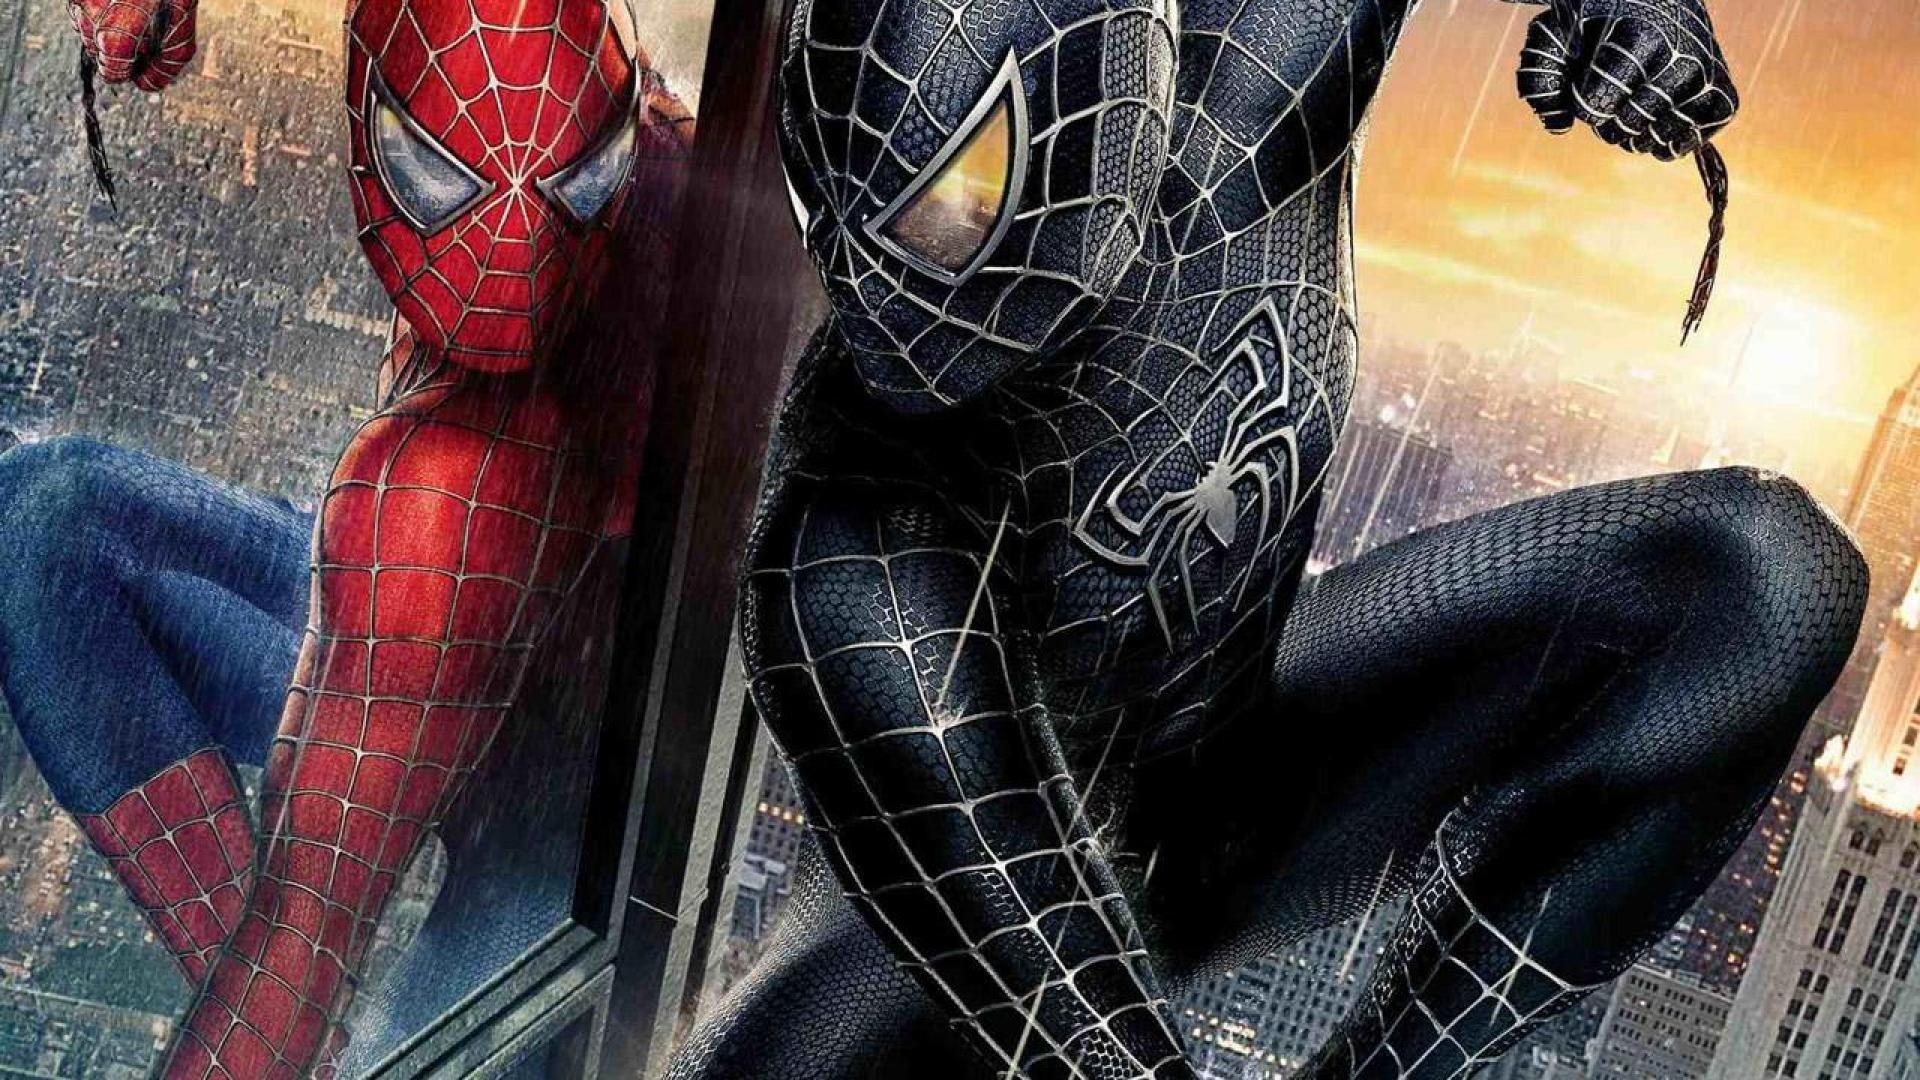 Black Spiderman Wallpaper Full Hd - Spiderman 3 Wallpaper Hd - HD Wallpaper